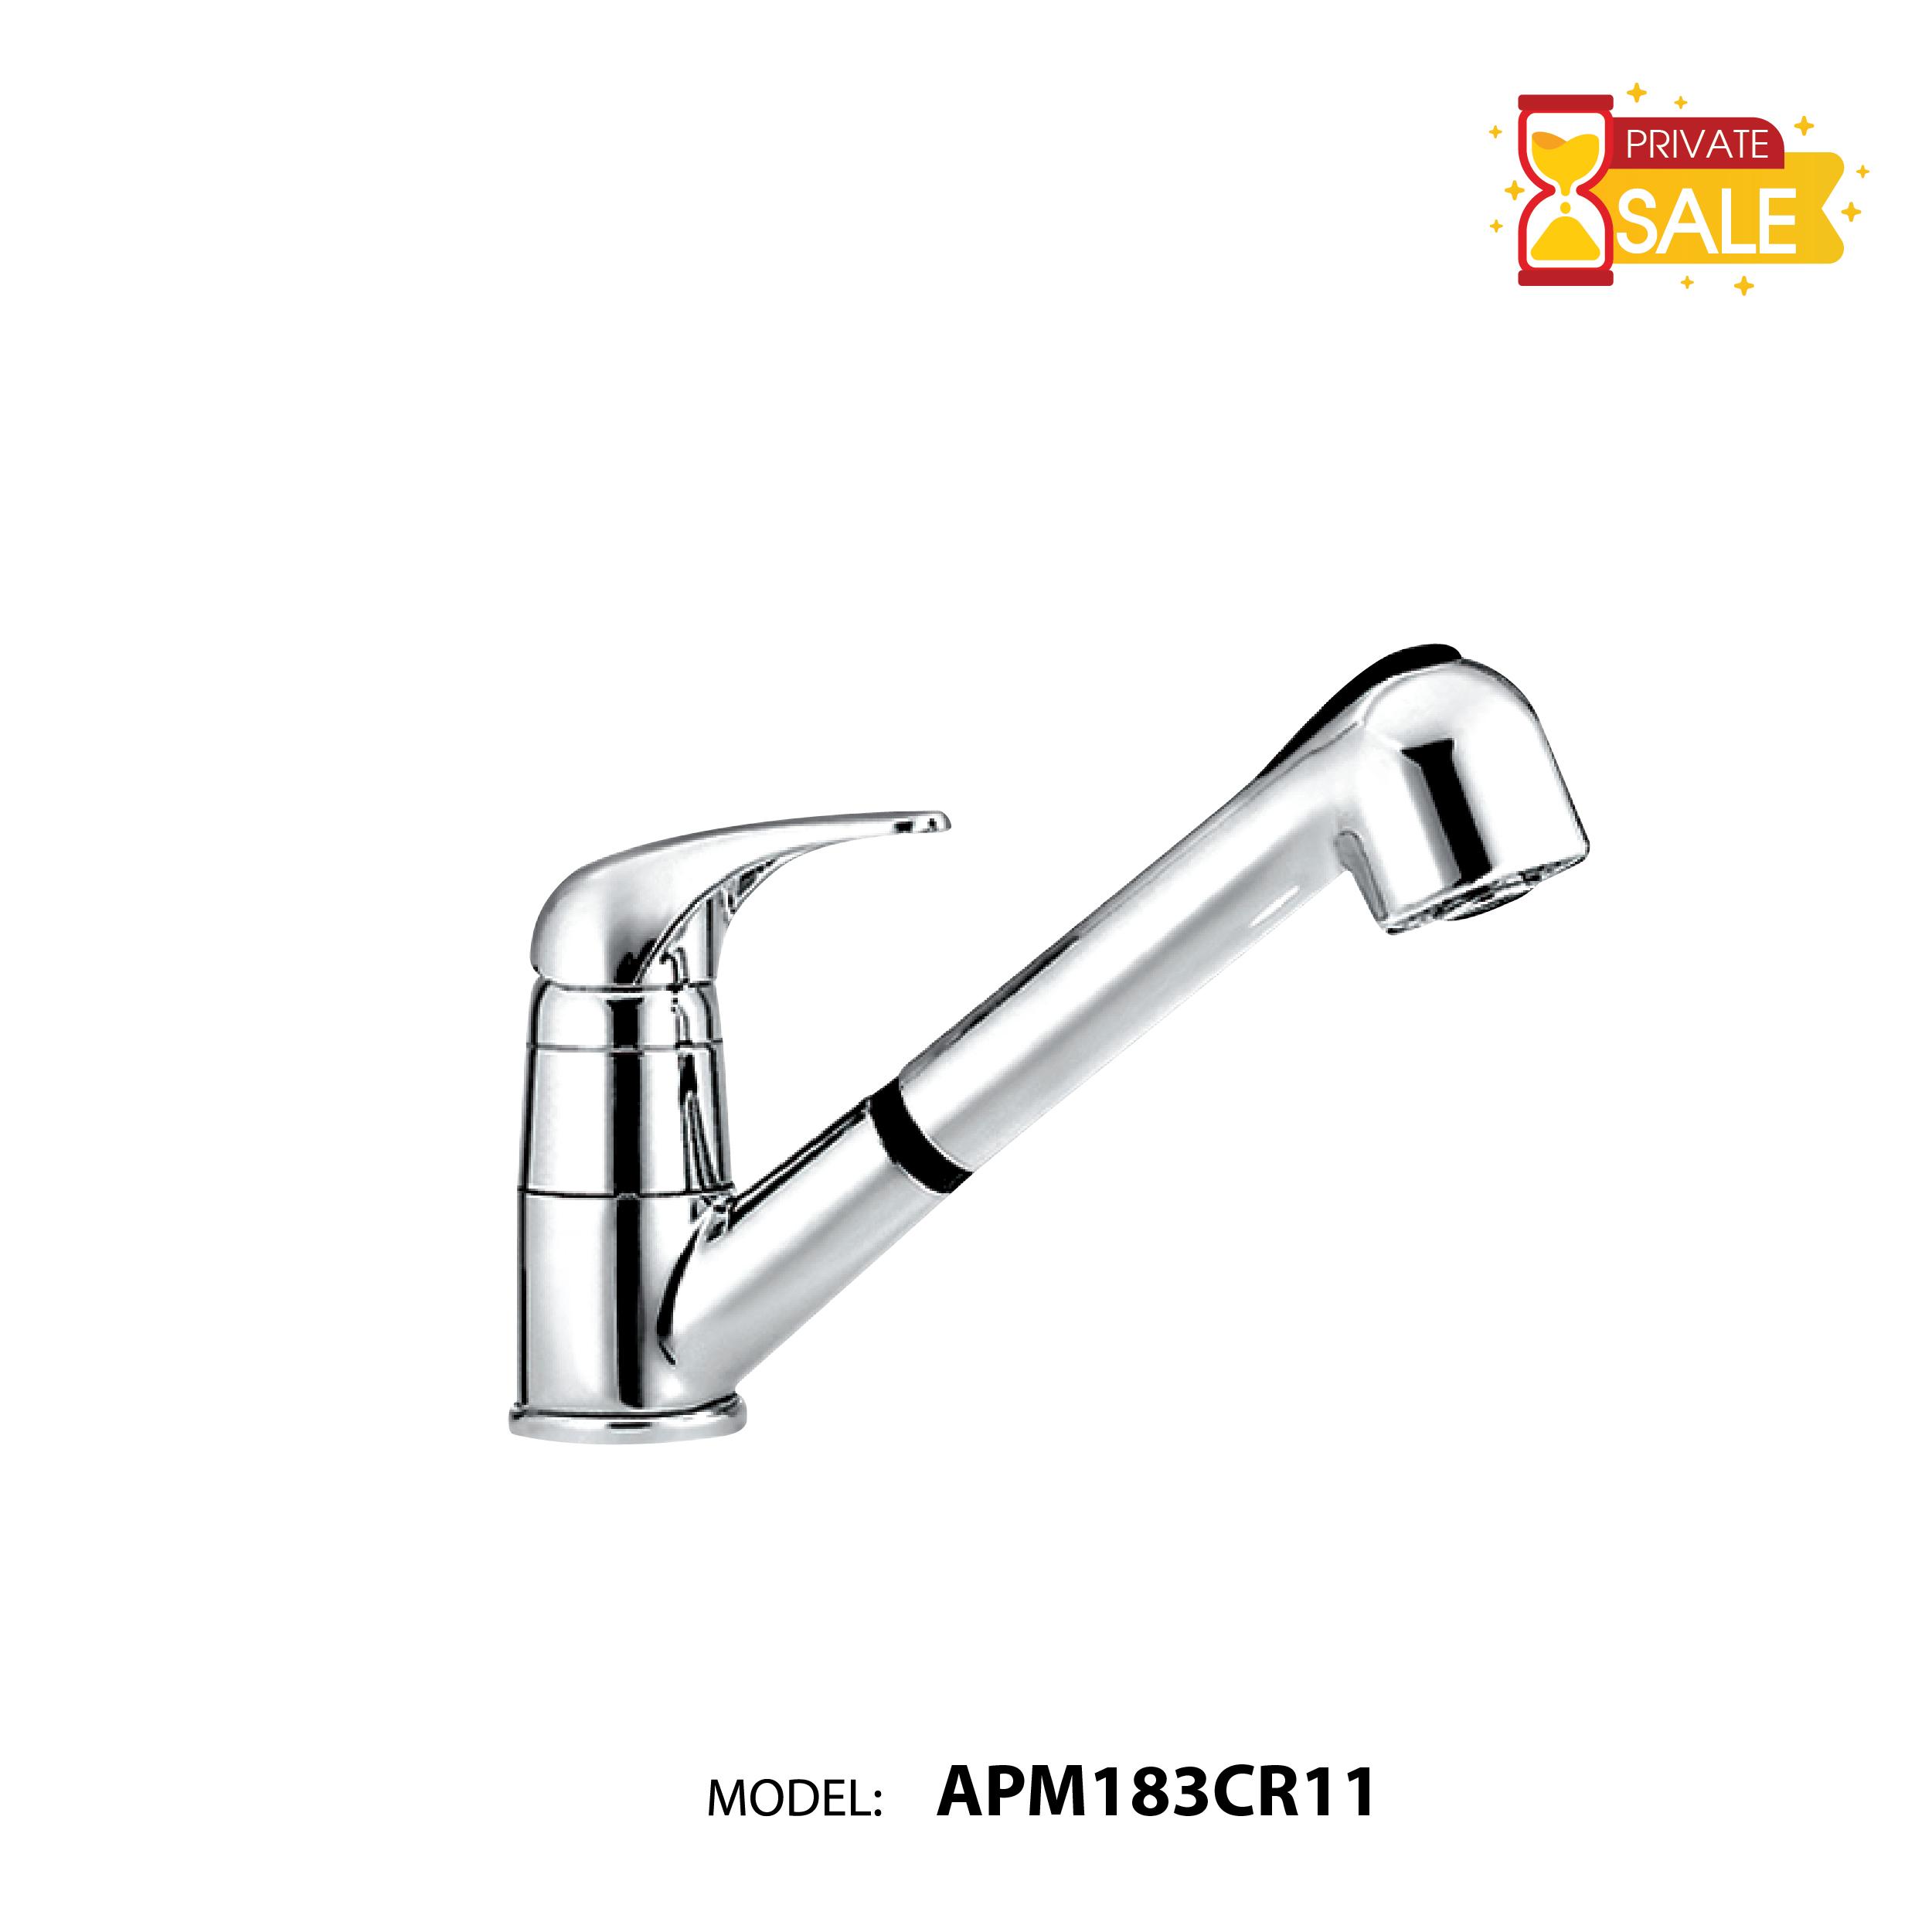 VÒI CHẬU NÓNG LẠNH PAFFONI APM183CR11 (Vòi lavabo model: APM183CR11)